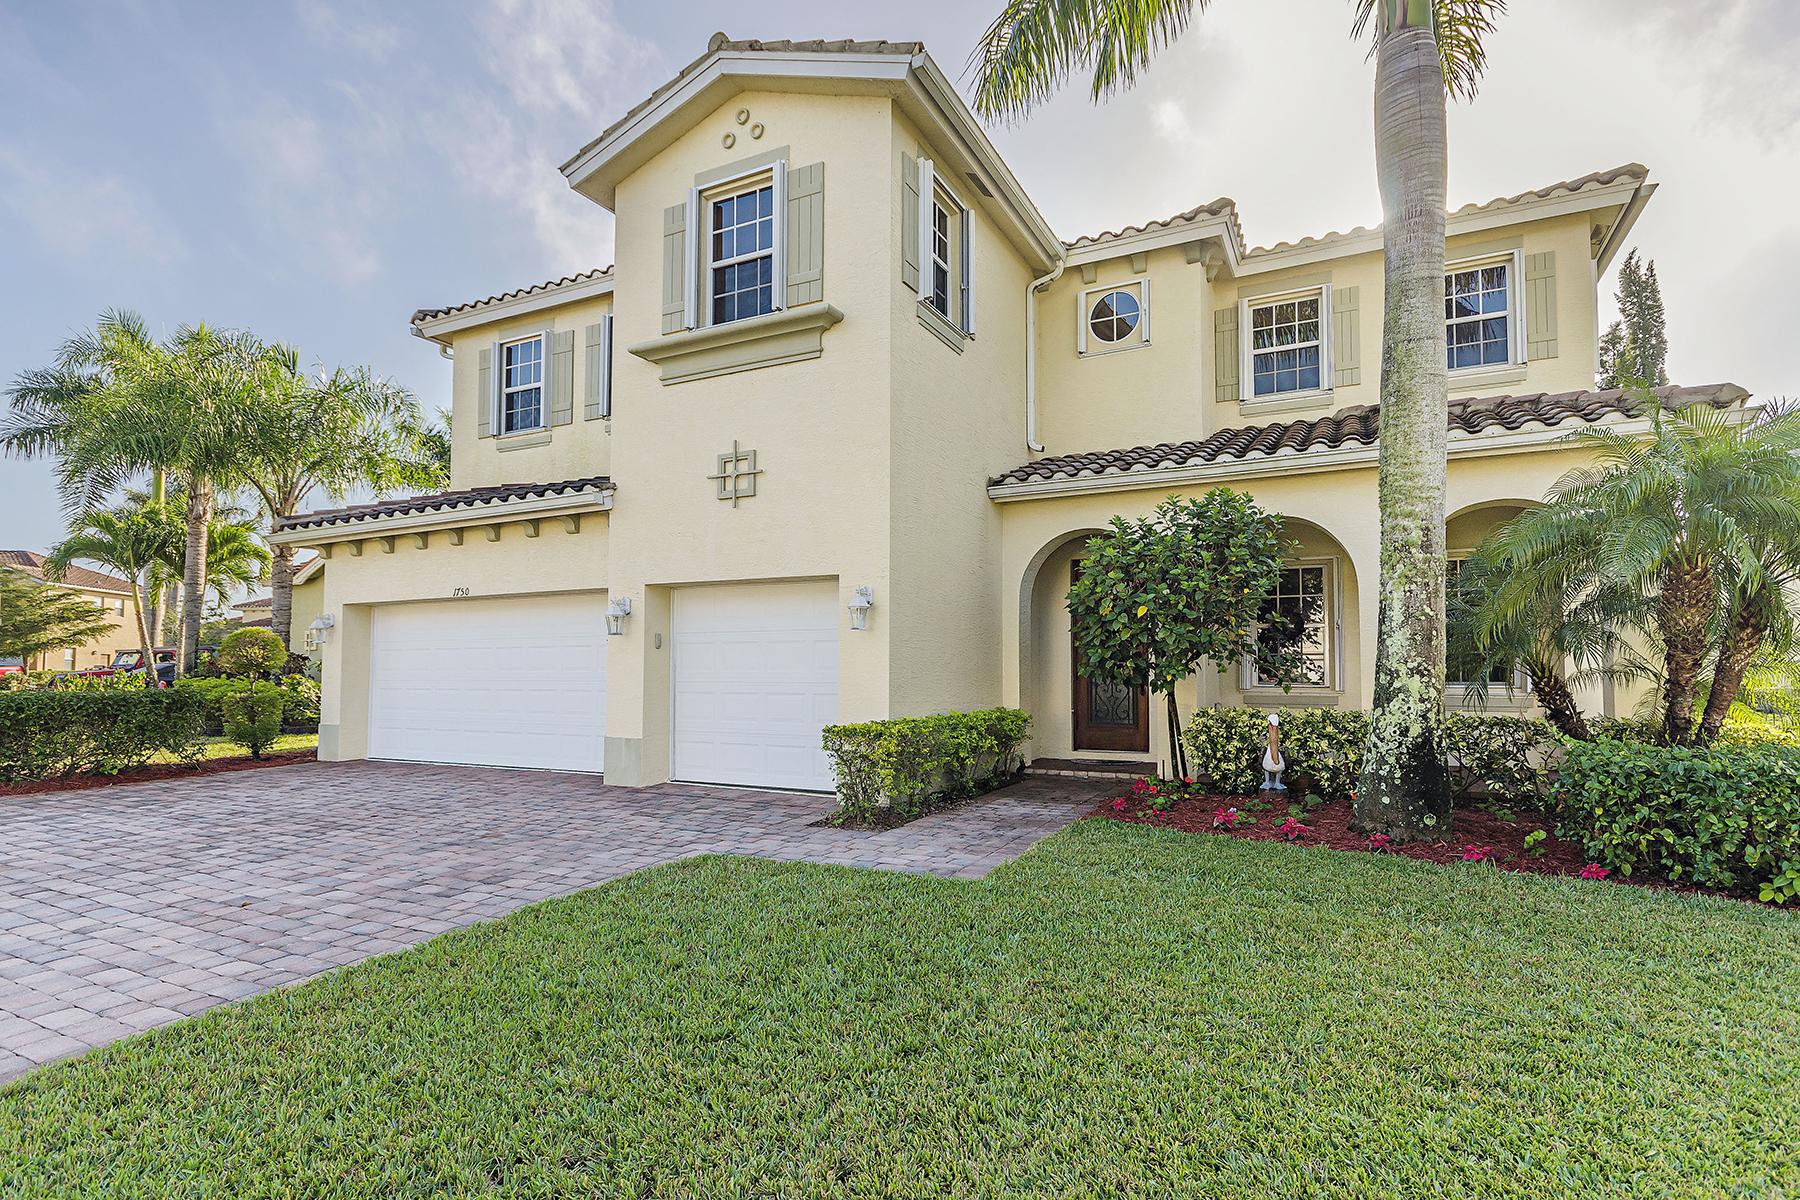 Частный односемейный дом для того Продажа на VALENCIA COUNTRY CLUB 1750 Sarazen Pl Naples, Флорида, 34120 Соединенные Штаты